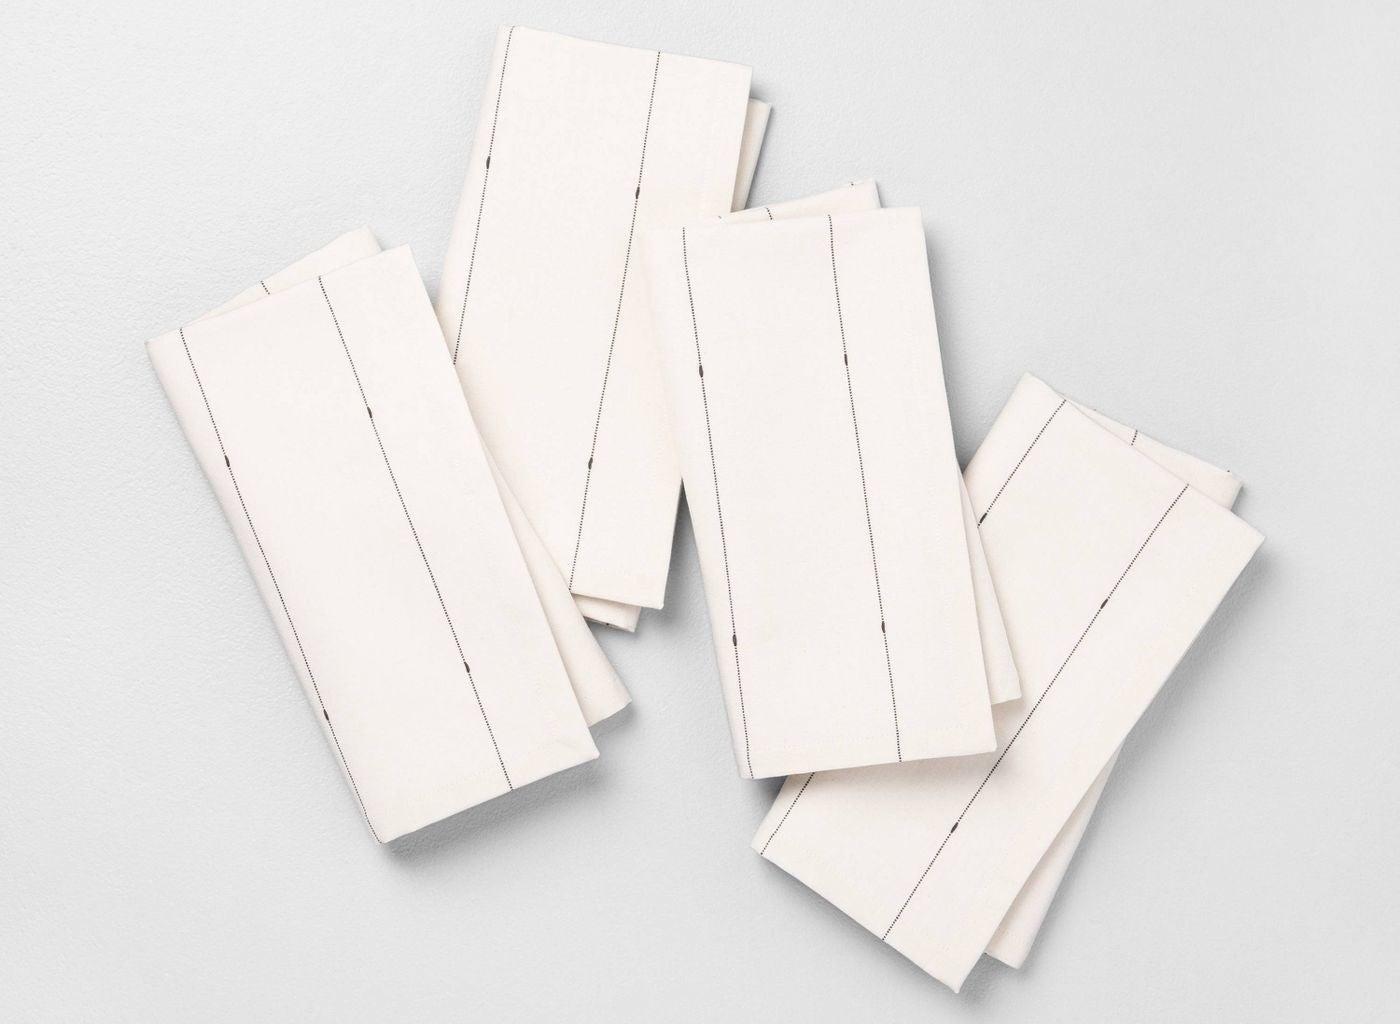 Four white cloth napkins with stripes